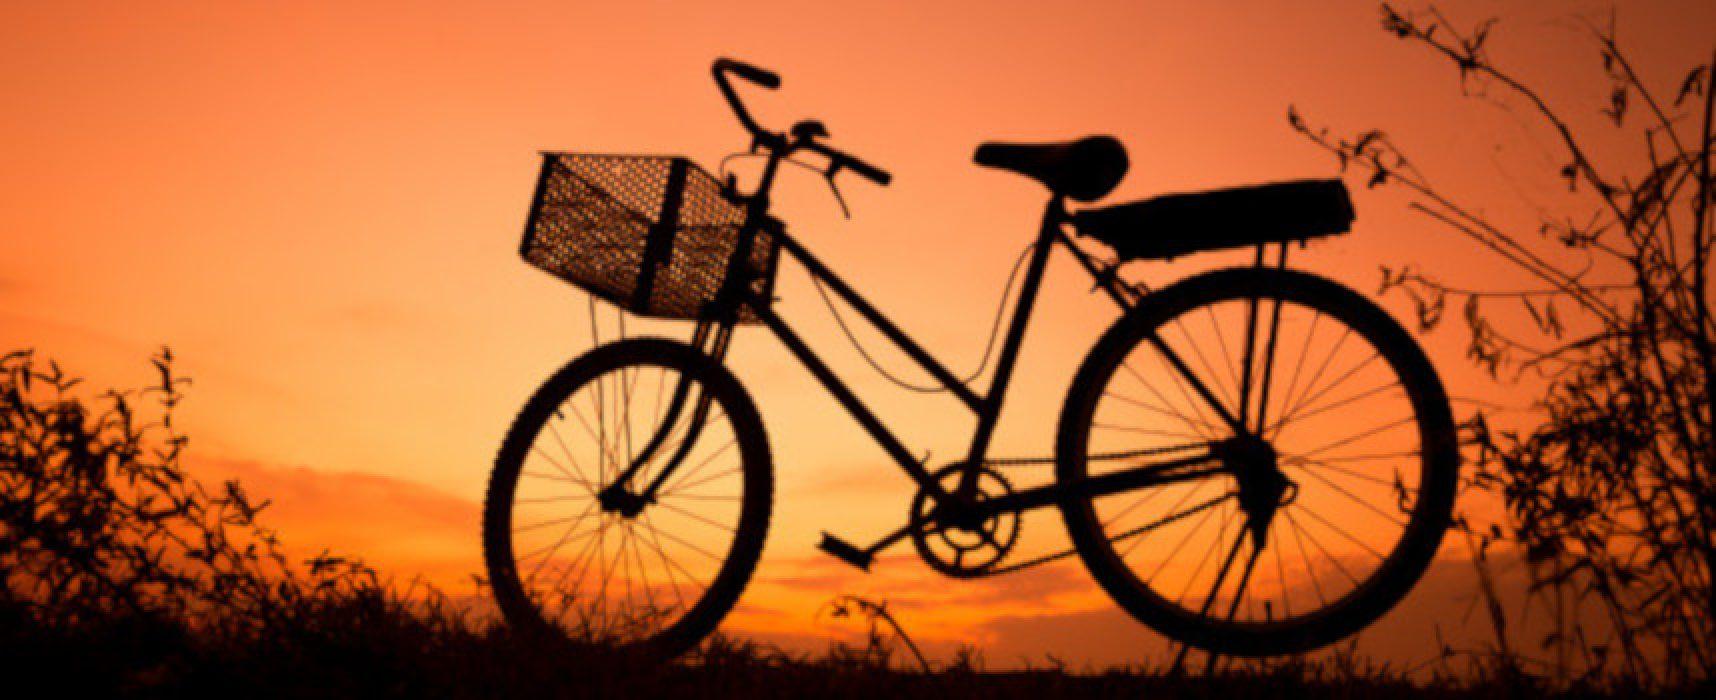 Summer Night Bike, arriva la terza e ultima passeggiata in bici sotto le stelle